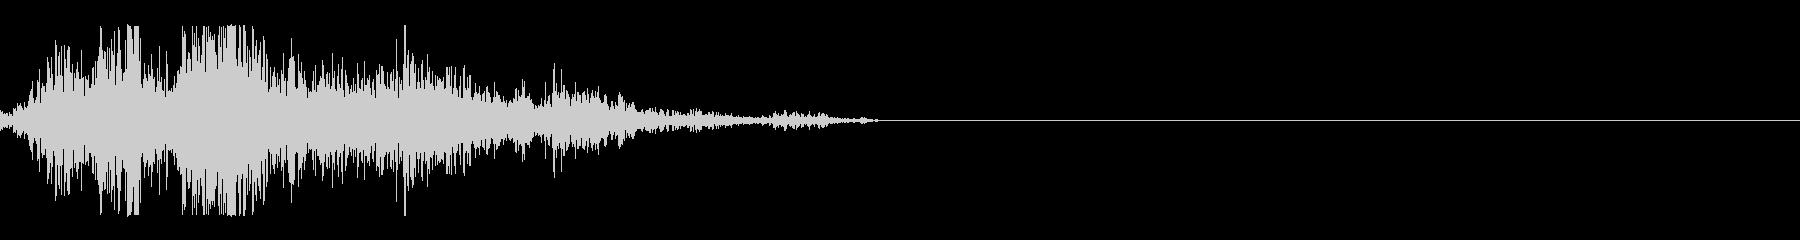 キックの衣擦れ(ジャンプ音にも使える)の未再生の波形